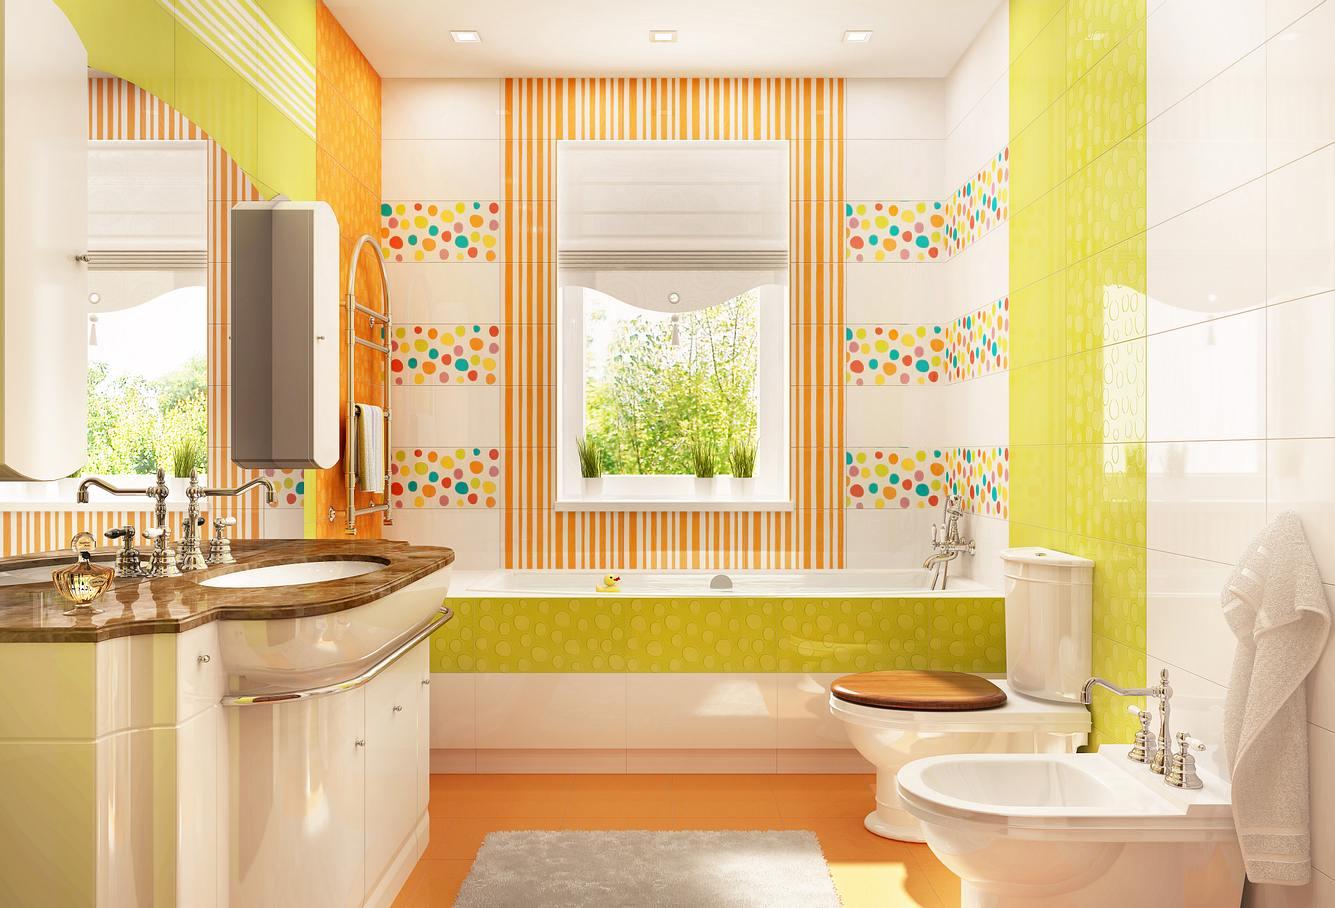 Ein Badezimmer mit überklebten Fliesen.